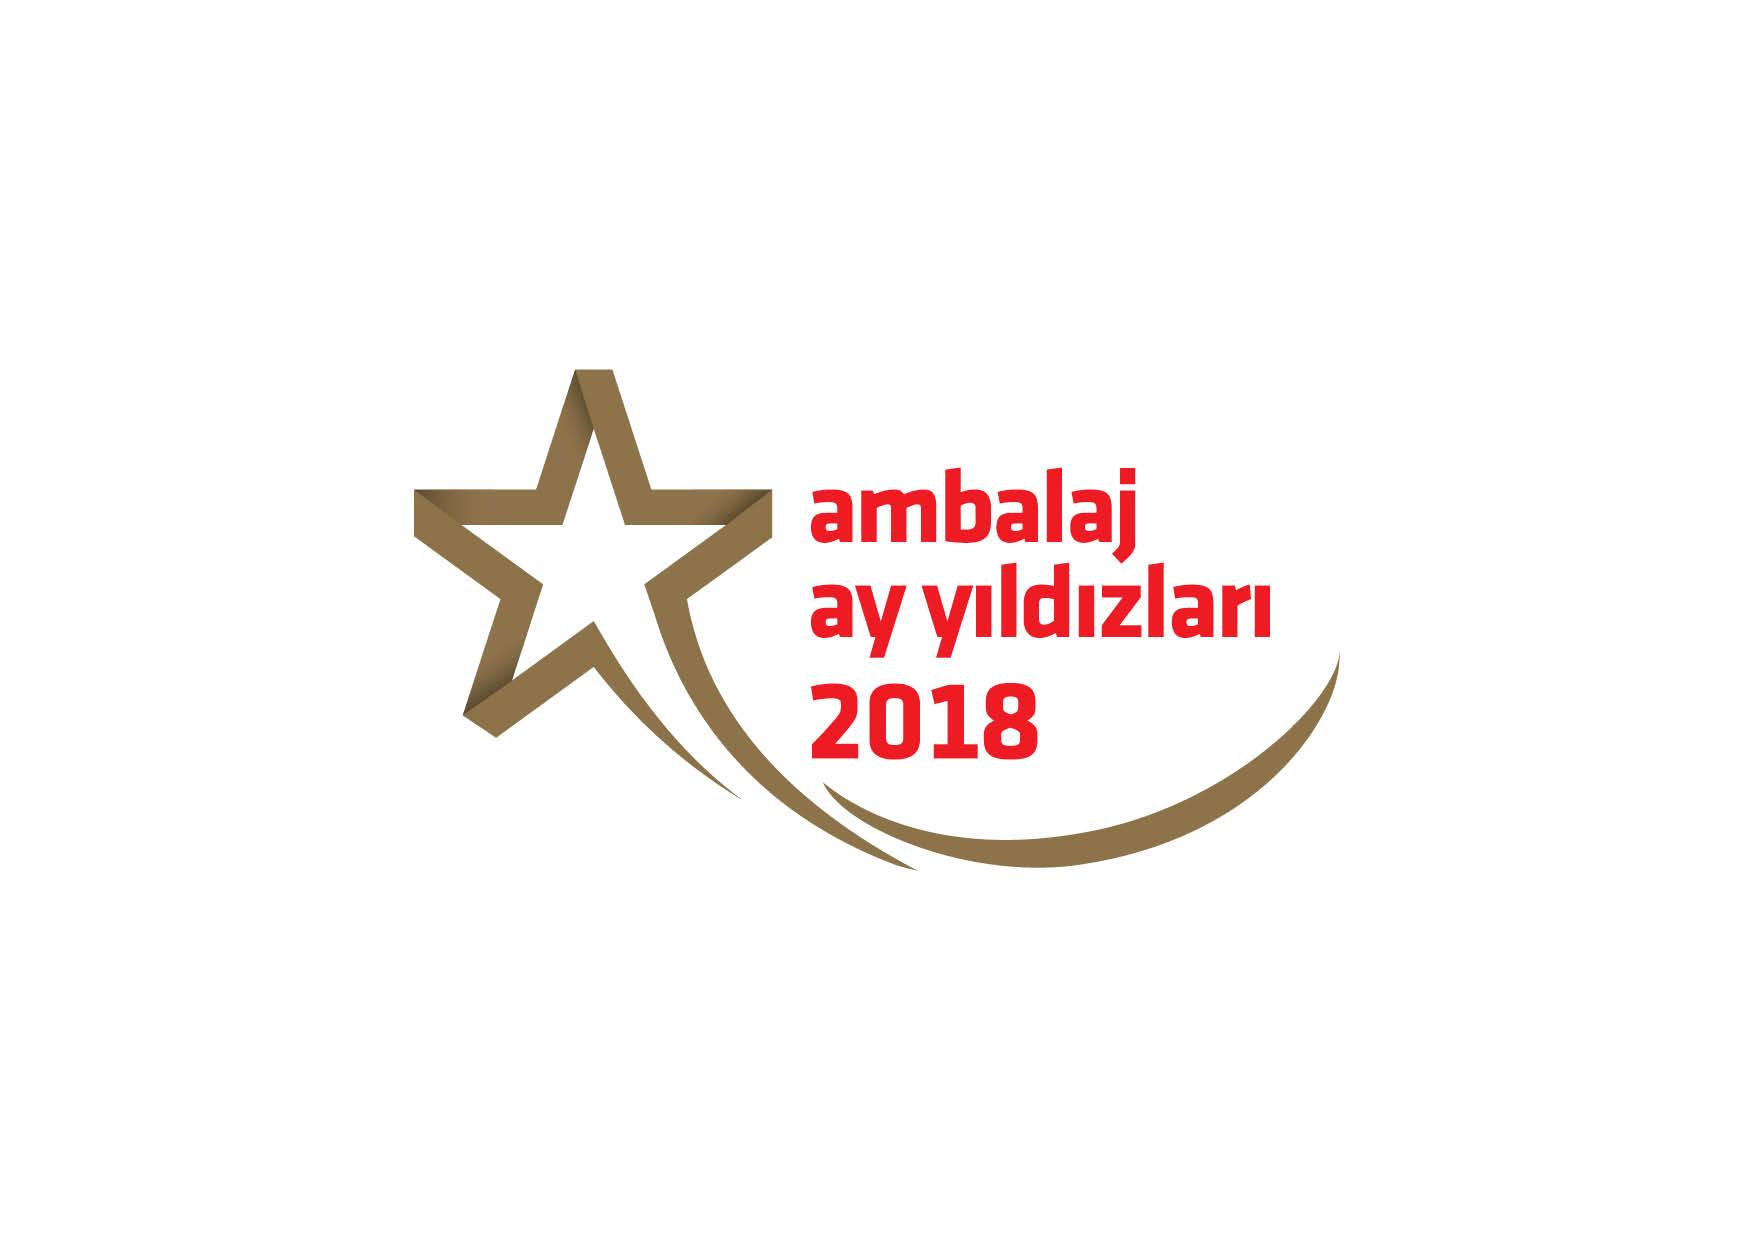 Dünya Ambalaj Örgütü (WPO) tarafından düzenlenen ve ambalaj sektörünün en prestijli yarışmalarından biri olan WorldStar 2018 Yarışması'nın sonuçları Brezilya'da yapılan jüri toplantısının ardından açıklandı.